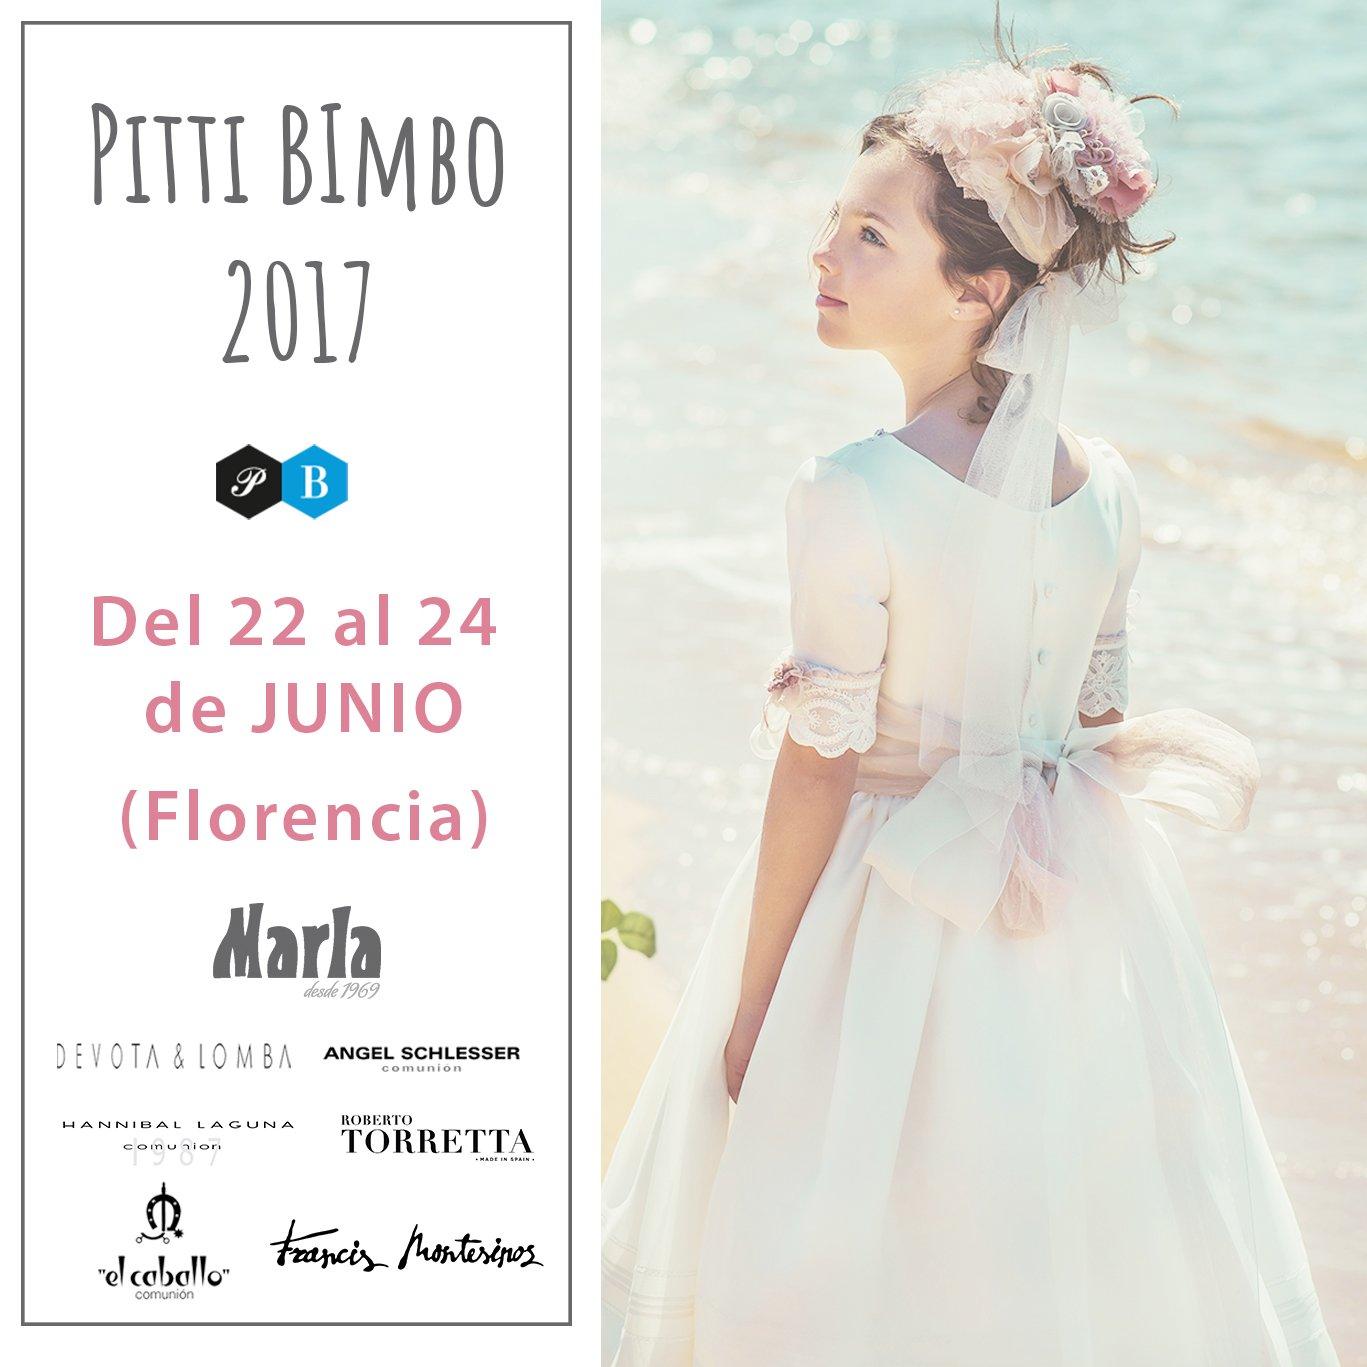 Información Marla en Pitti Bimbo